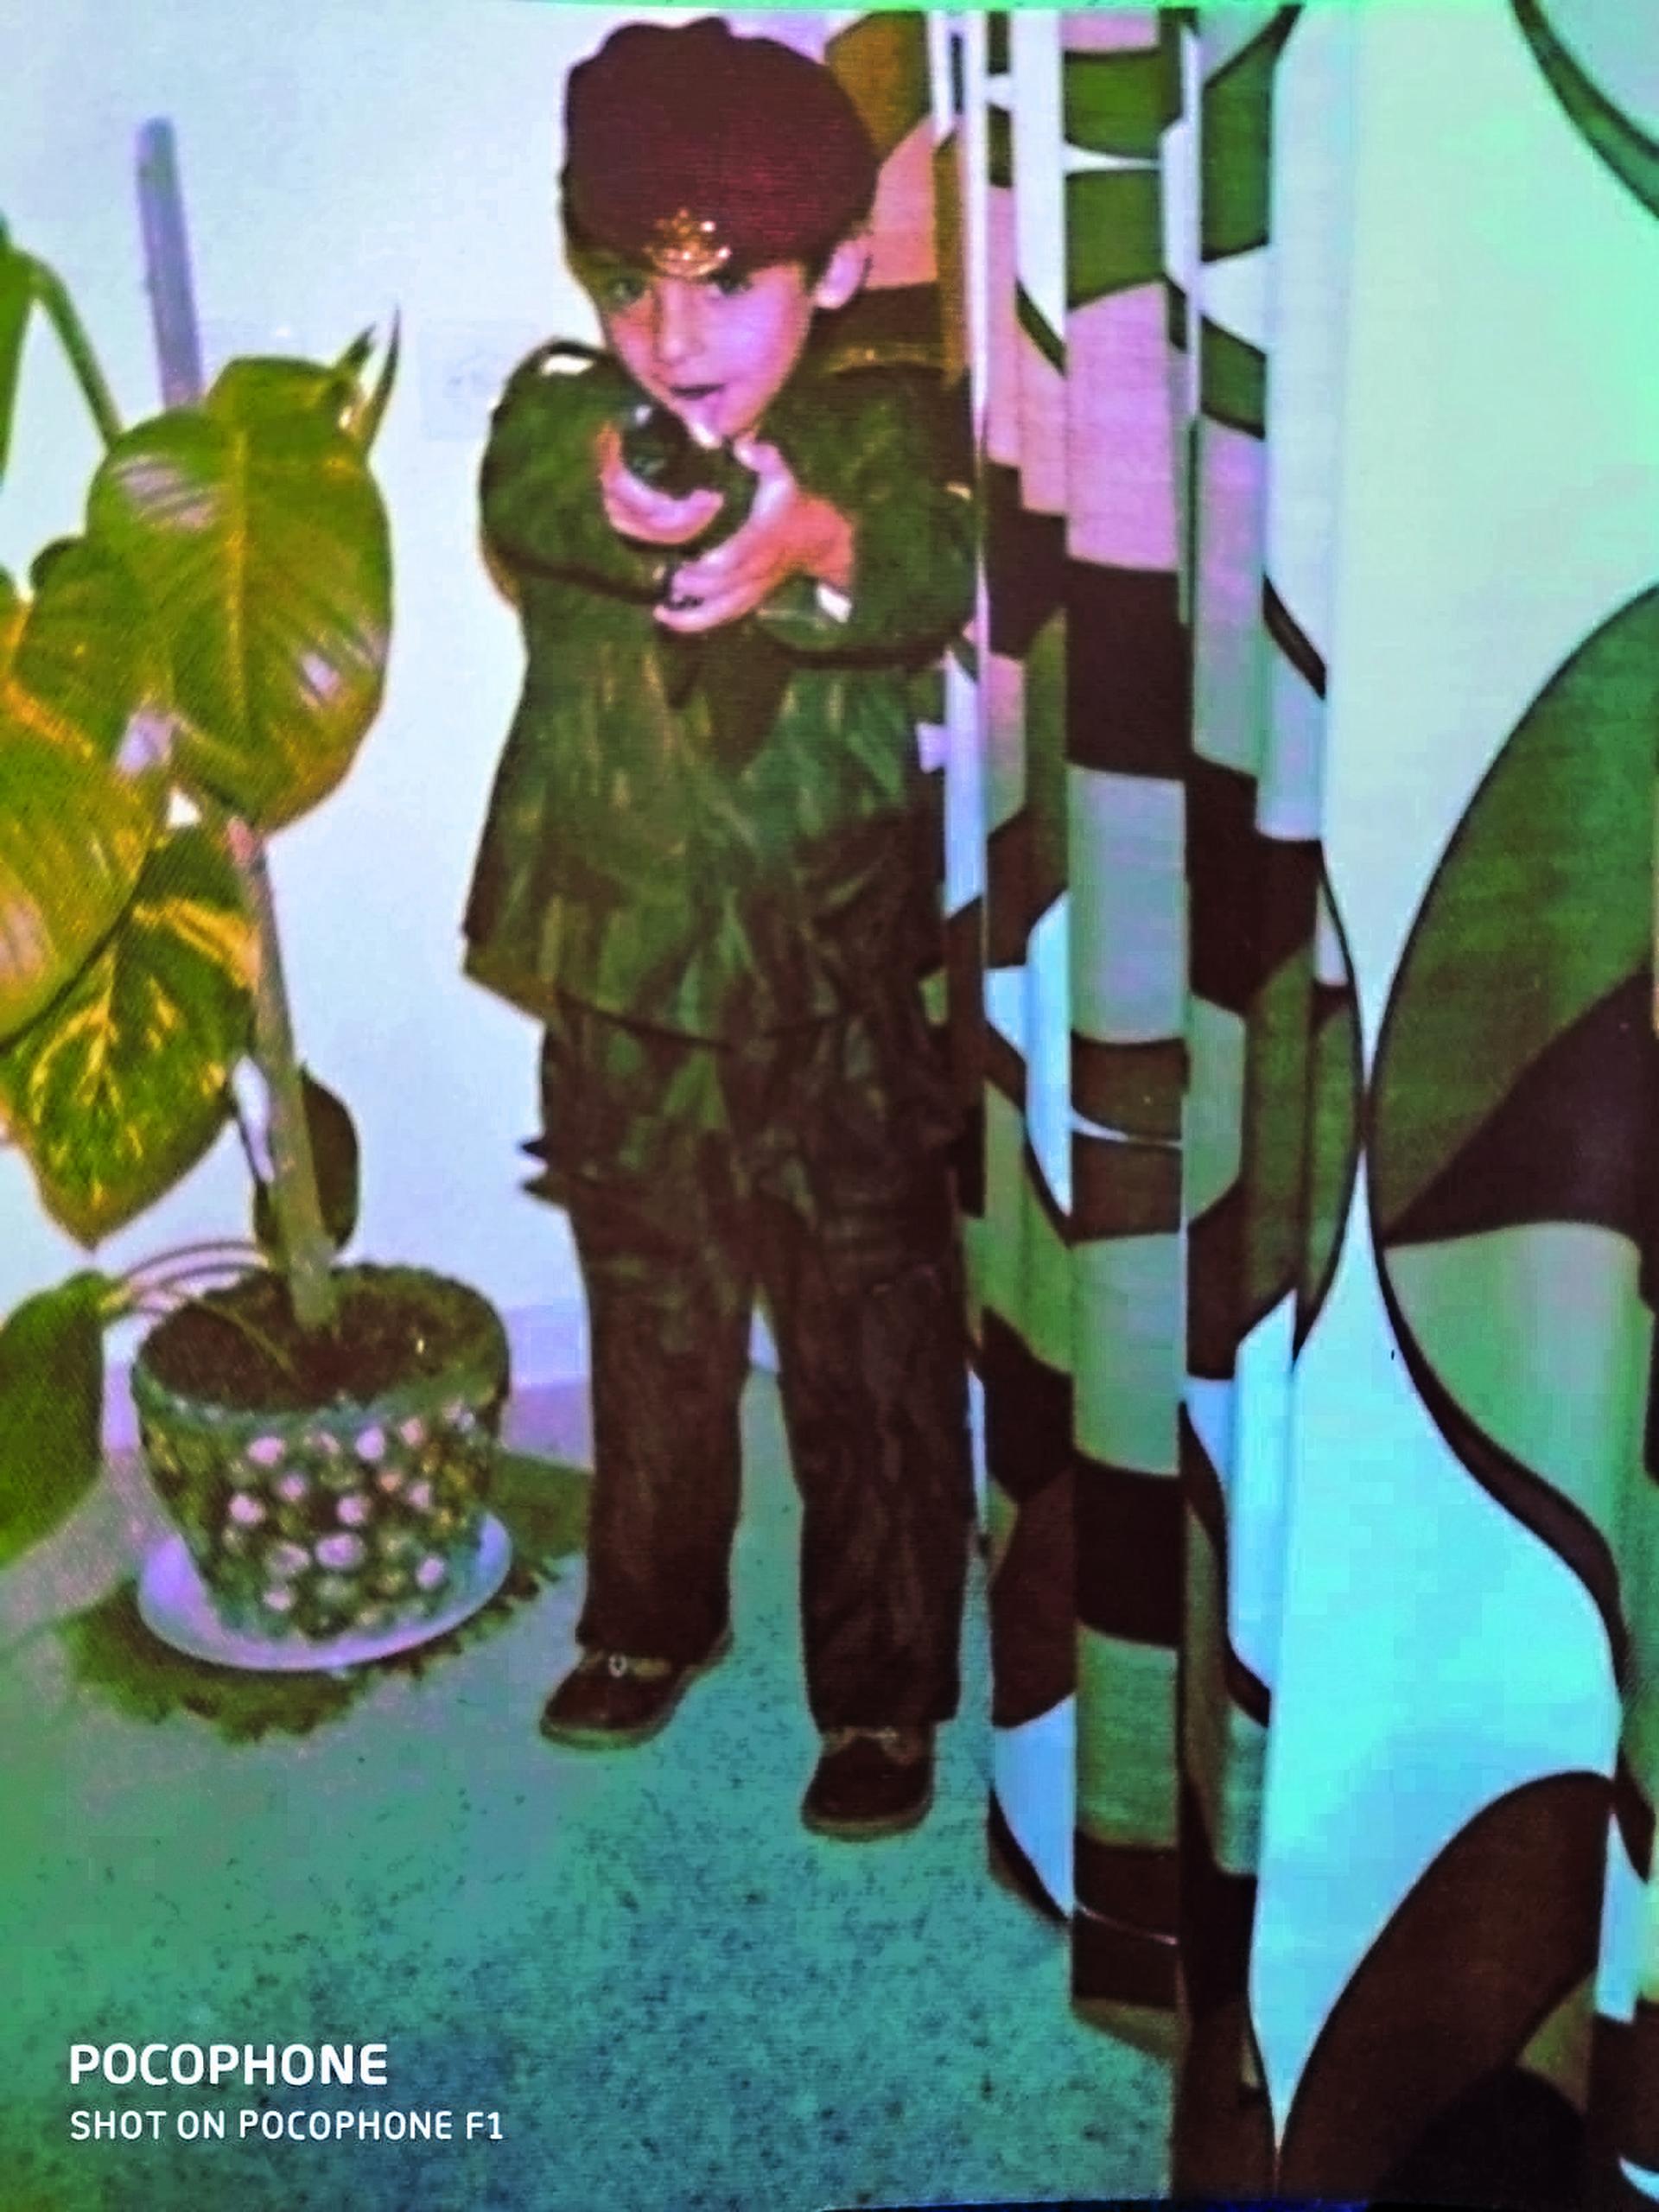 אלירן גבאי. צילום פרטי (גיליון 15.03.19)